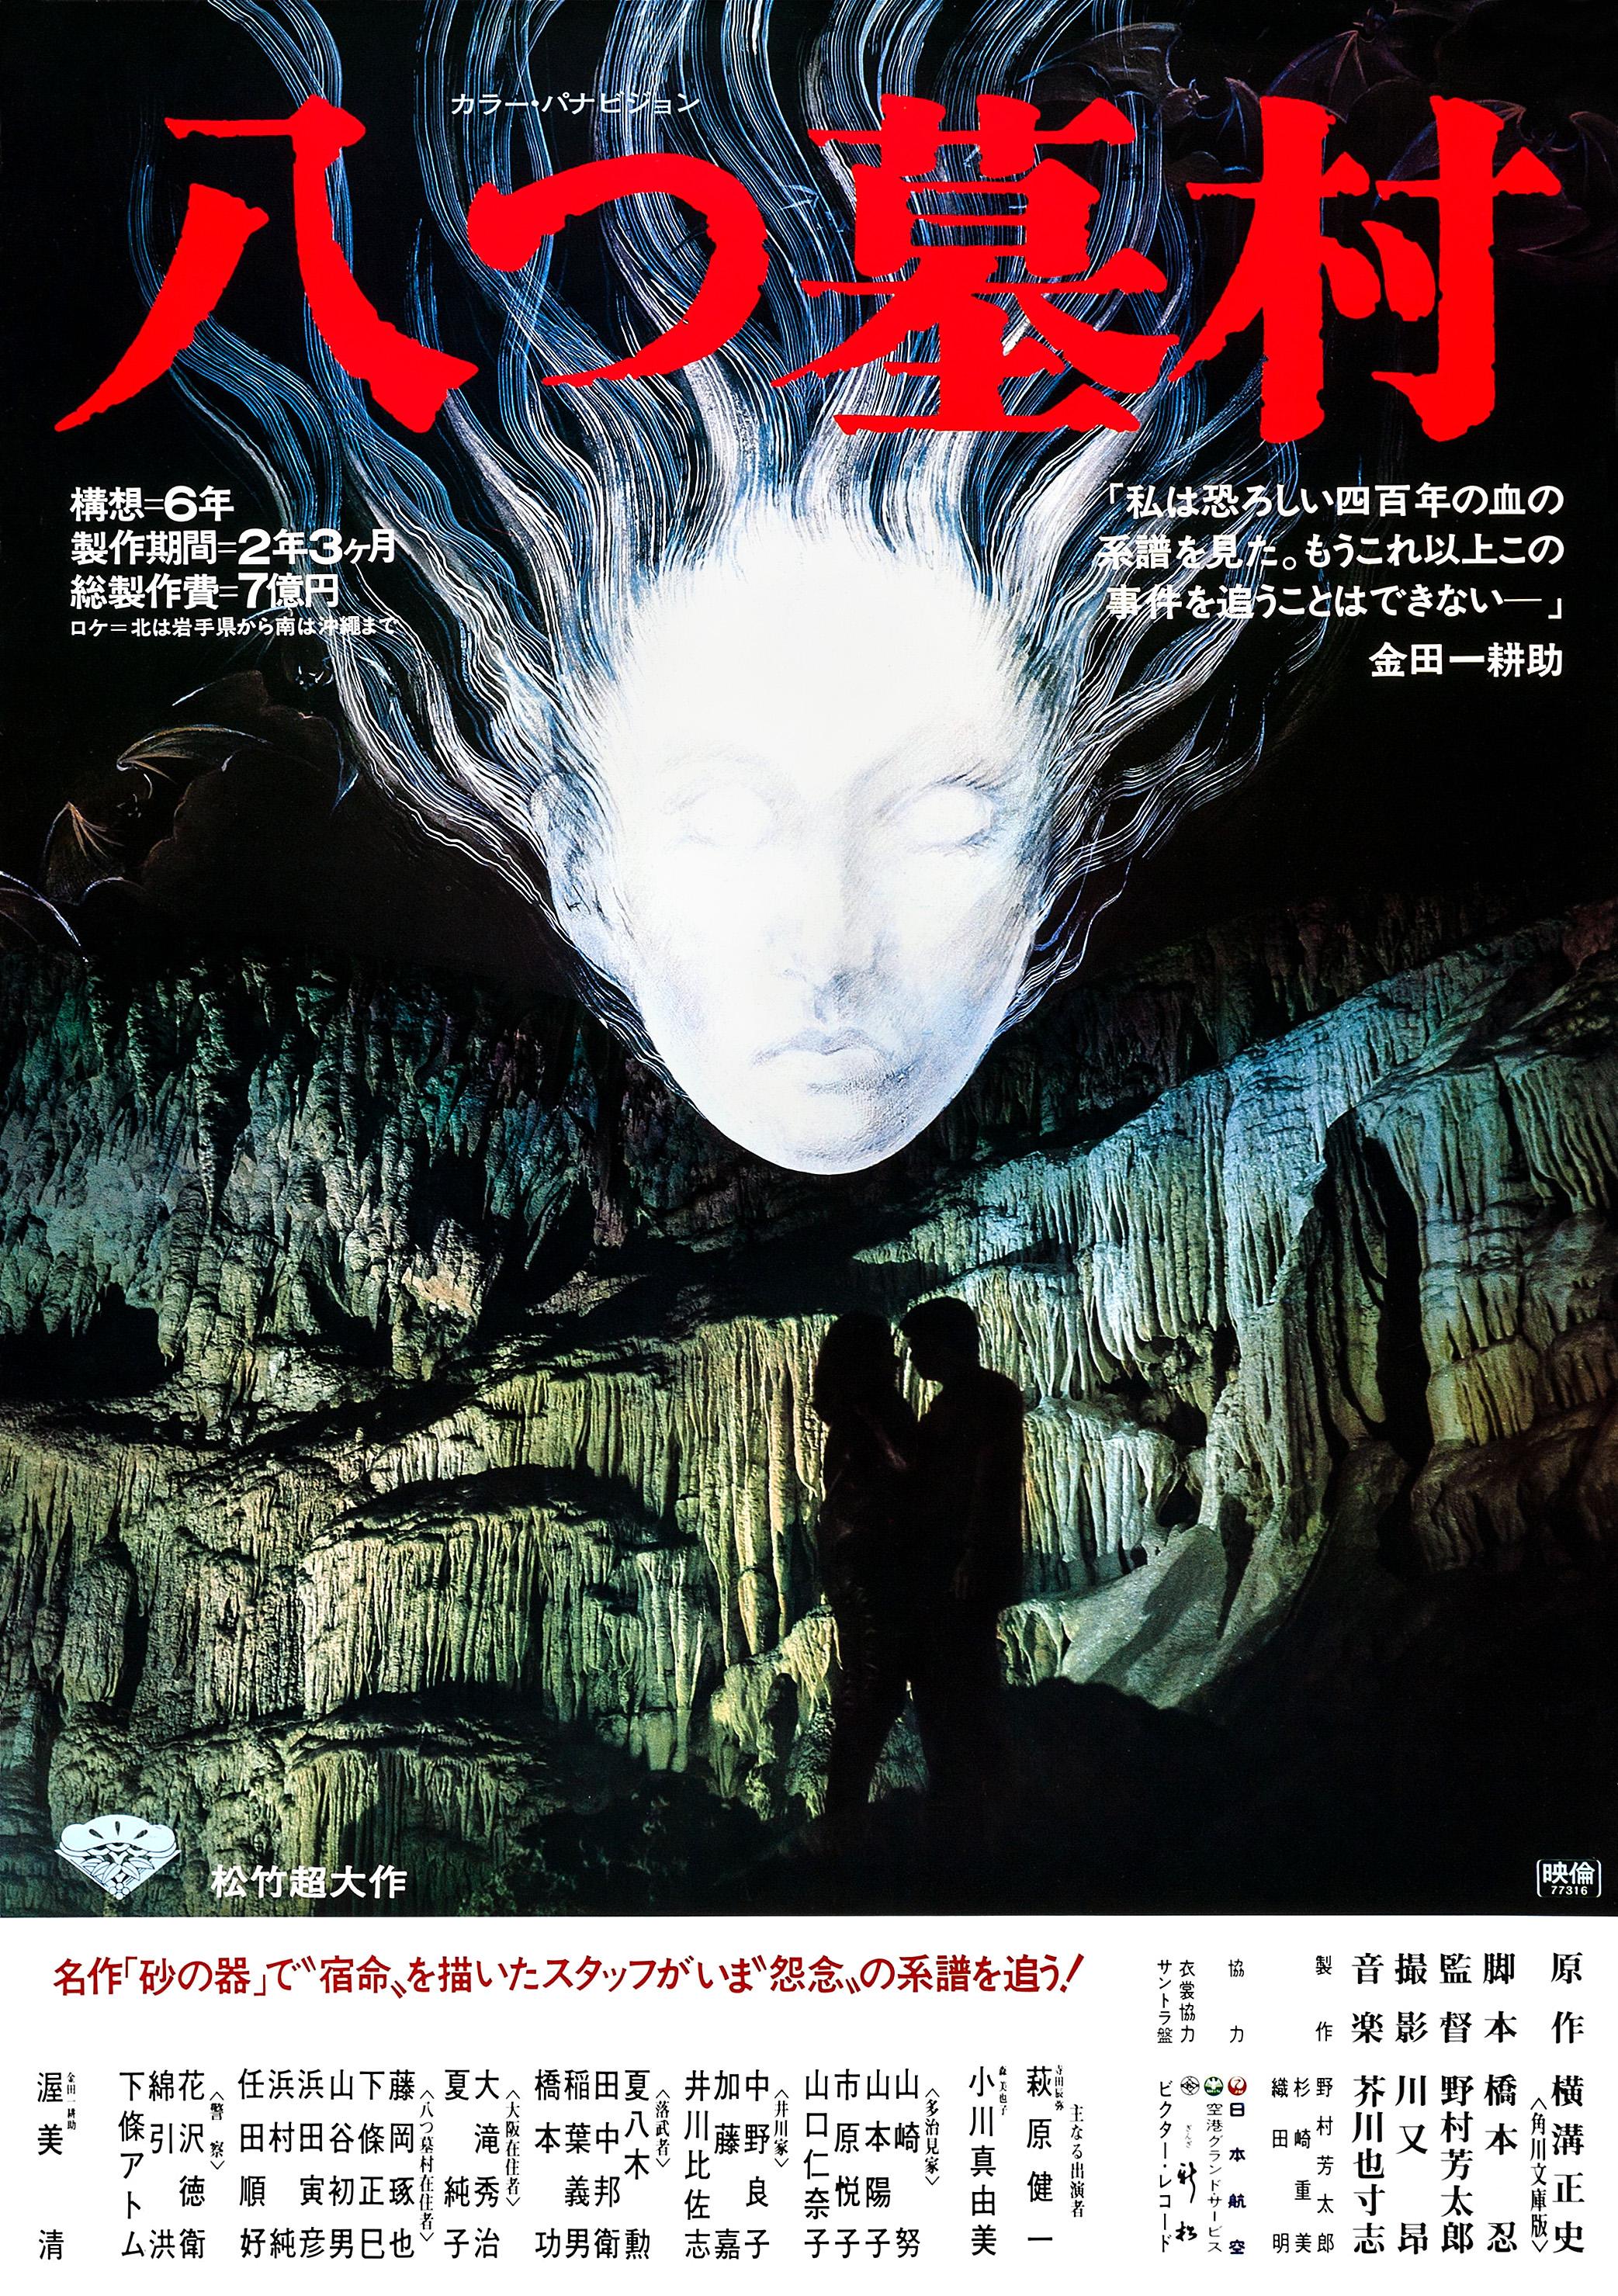 Yatsuhaka-mura (1977)